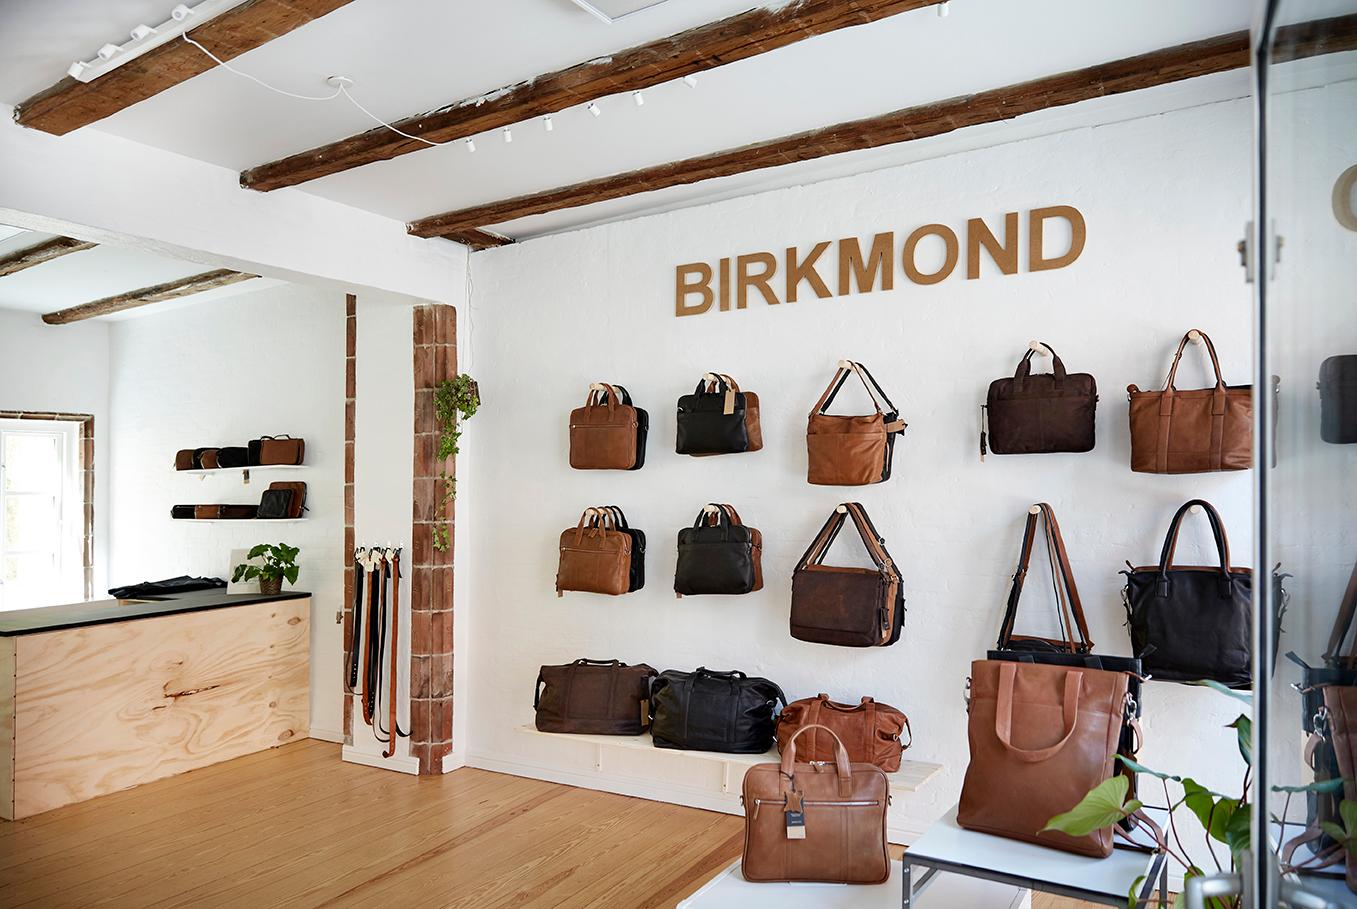 Birkmond taskebutik stilren og enkel indretning Fokus på naturlige materialer og lædervarer Lædertasker i høj kvalitet til en fair pris hos Birkmond tasker i Aarhus Latinerkvarteret Tasker til mænd og kvinder